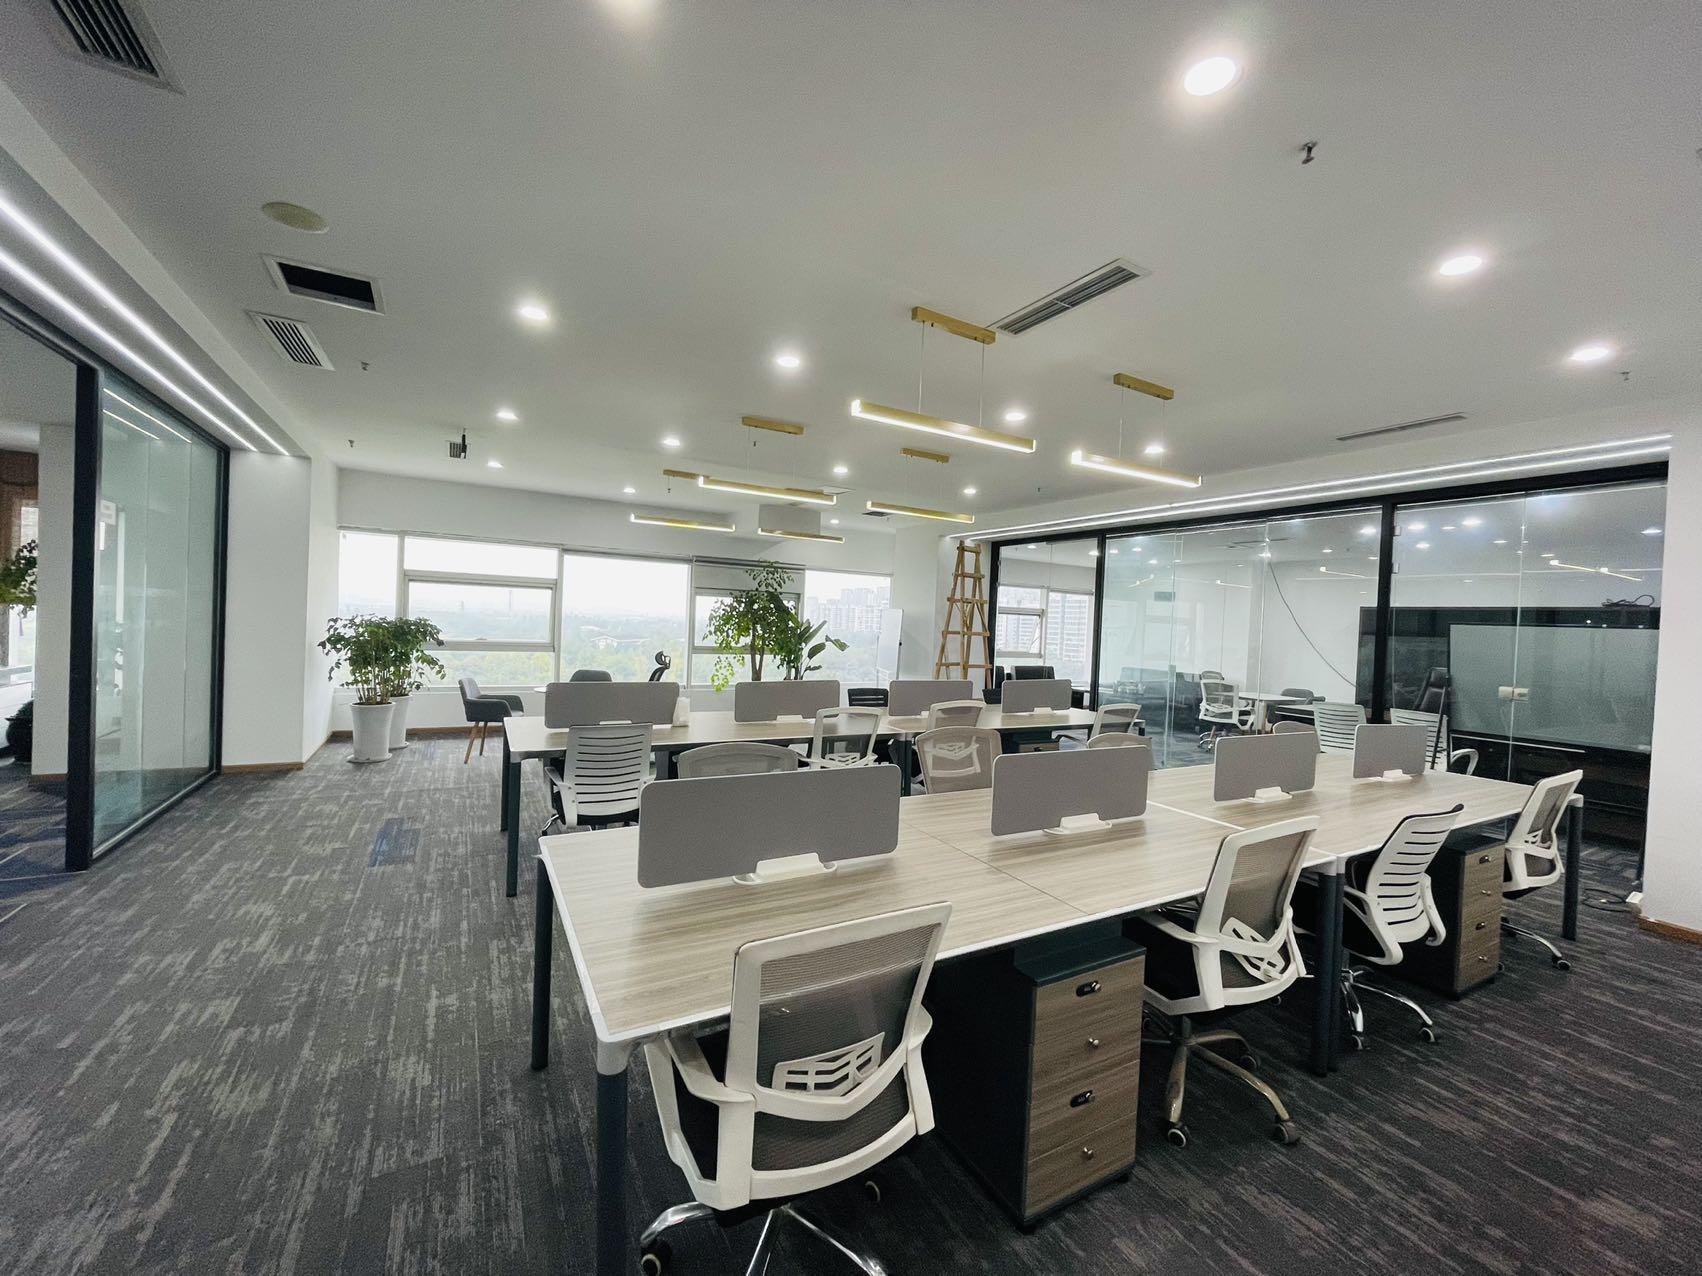 高新区CBD核心位置 300平米 5隔间+30卡位 全屋地毯铺设